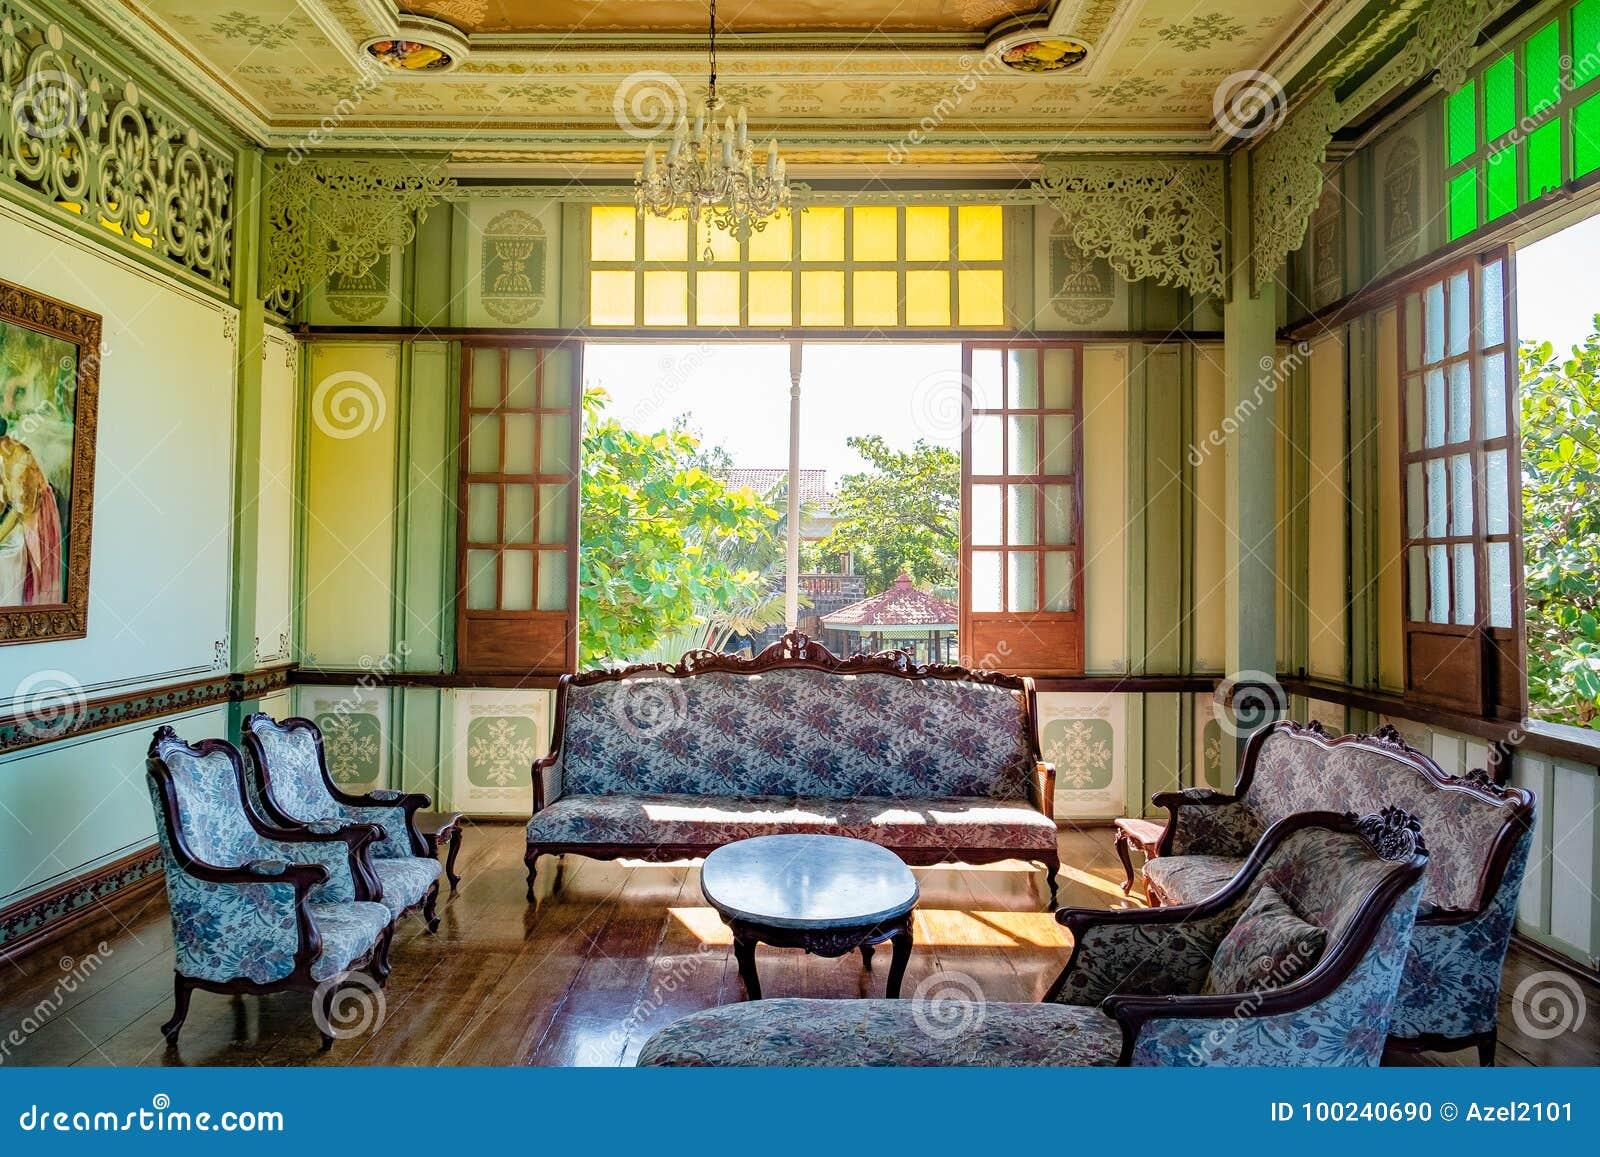 Spanish Era Interior Design Editorial Image Image Of Empty